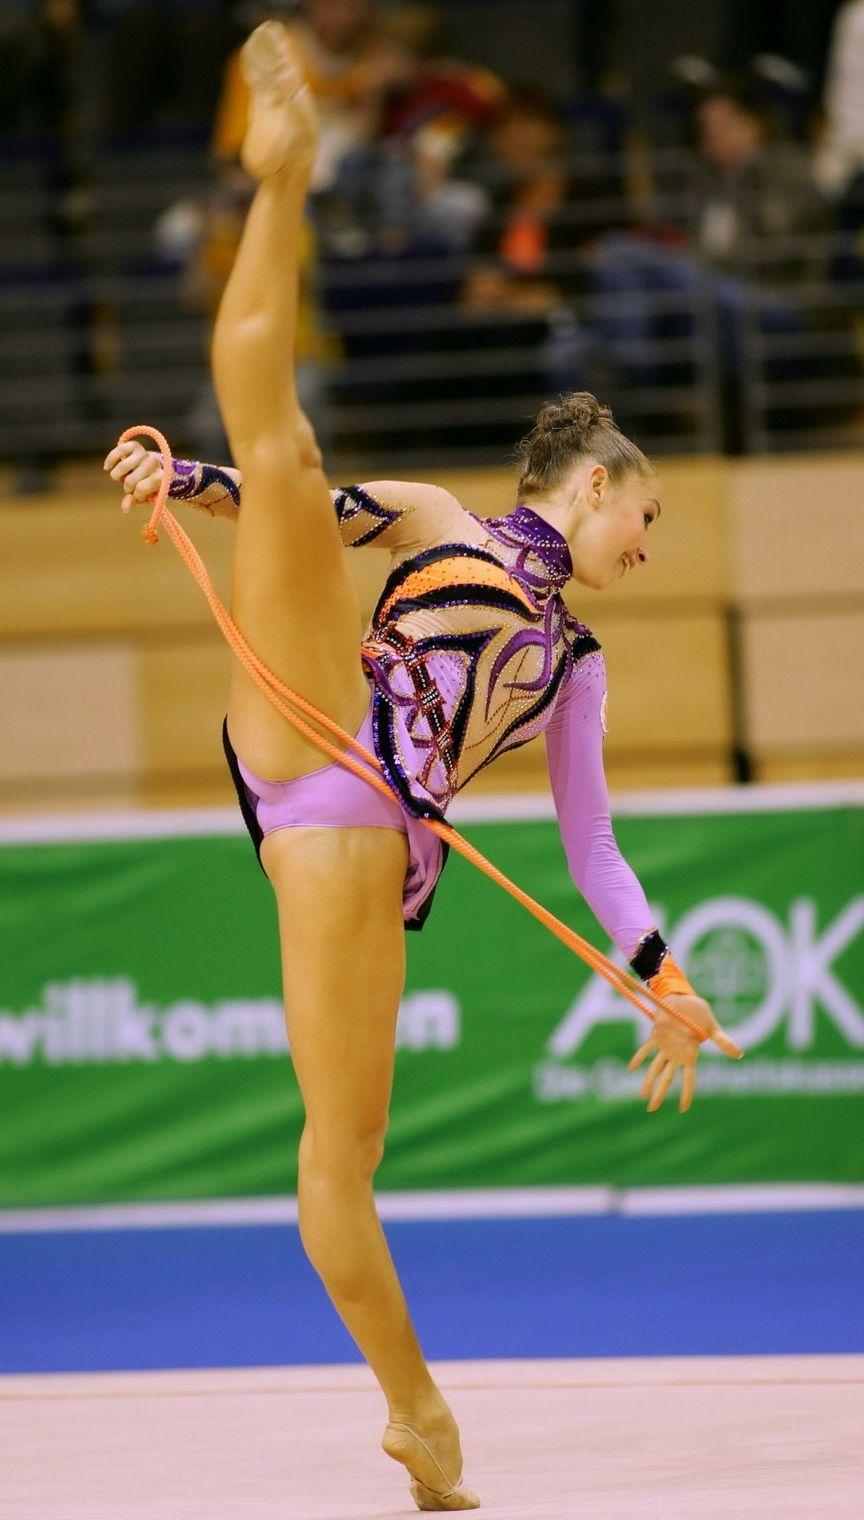 foto-intimnih-mest-zhenskom-sporte